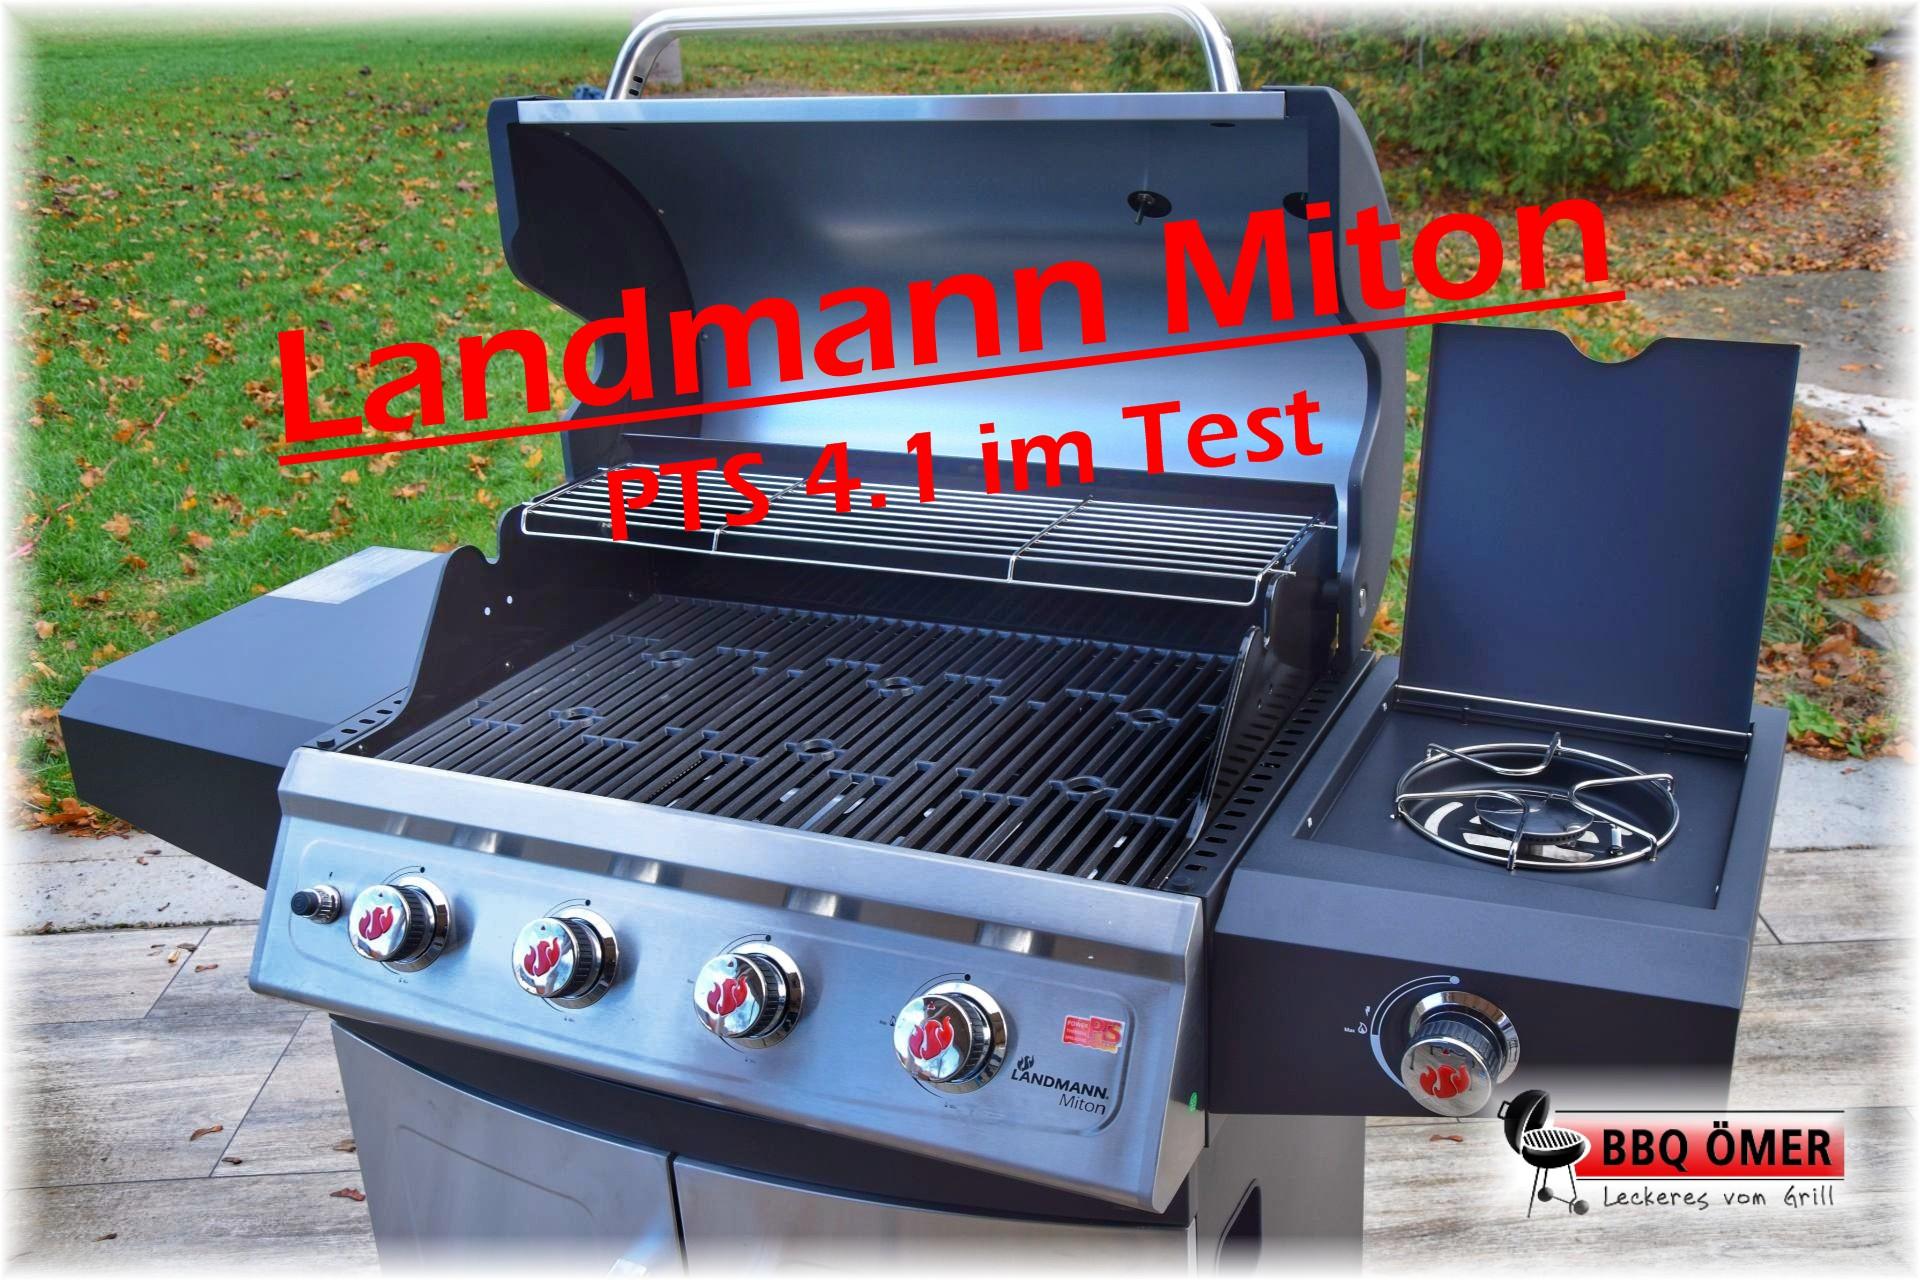 Abdeckung Für Gasgrill Landmann : Landmann miton pts 4.1 im test the american way bbq Ömer